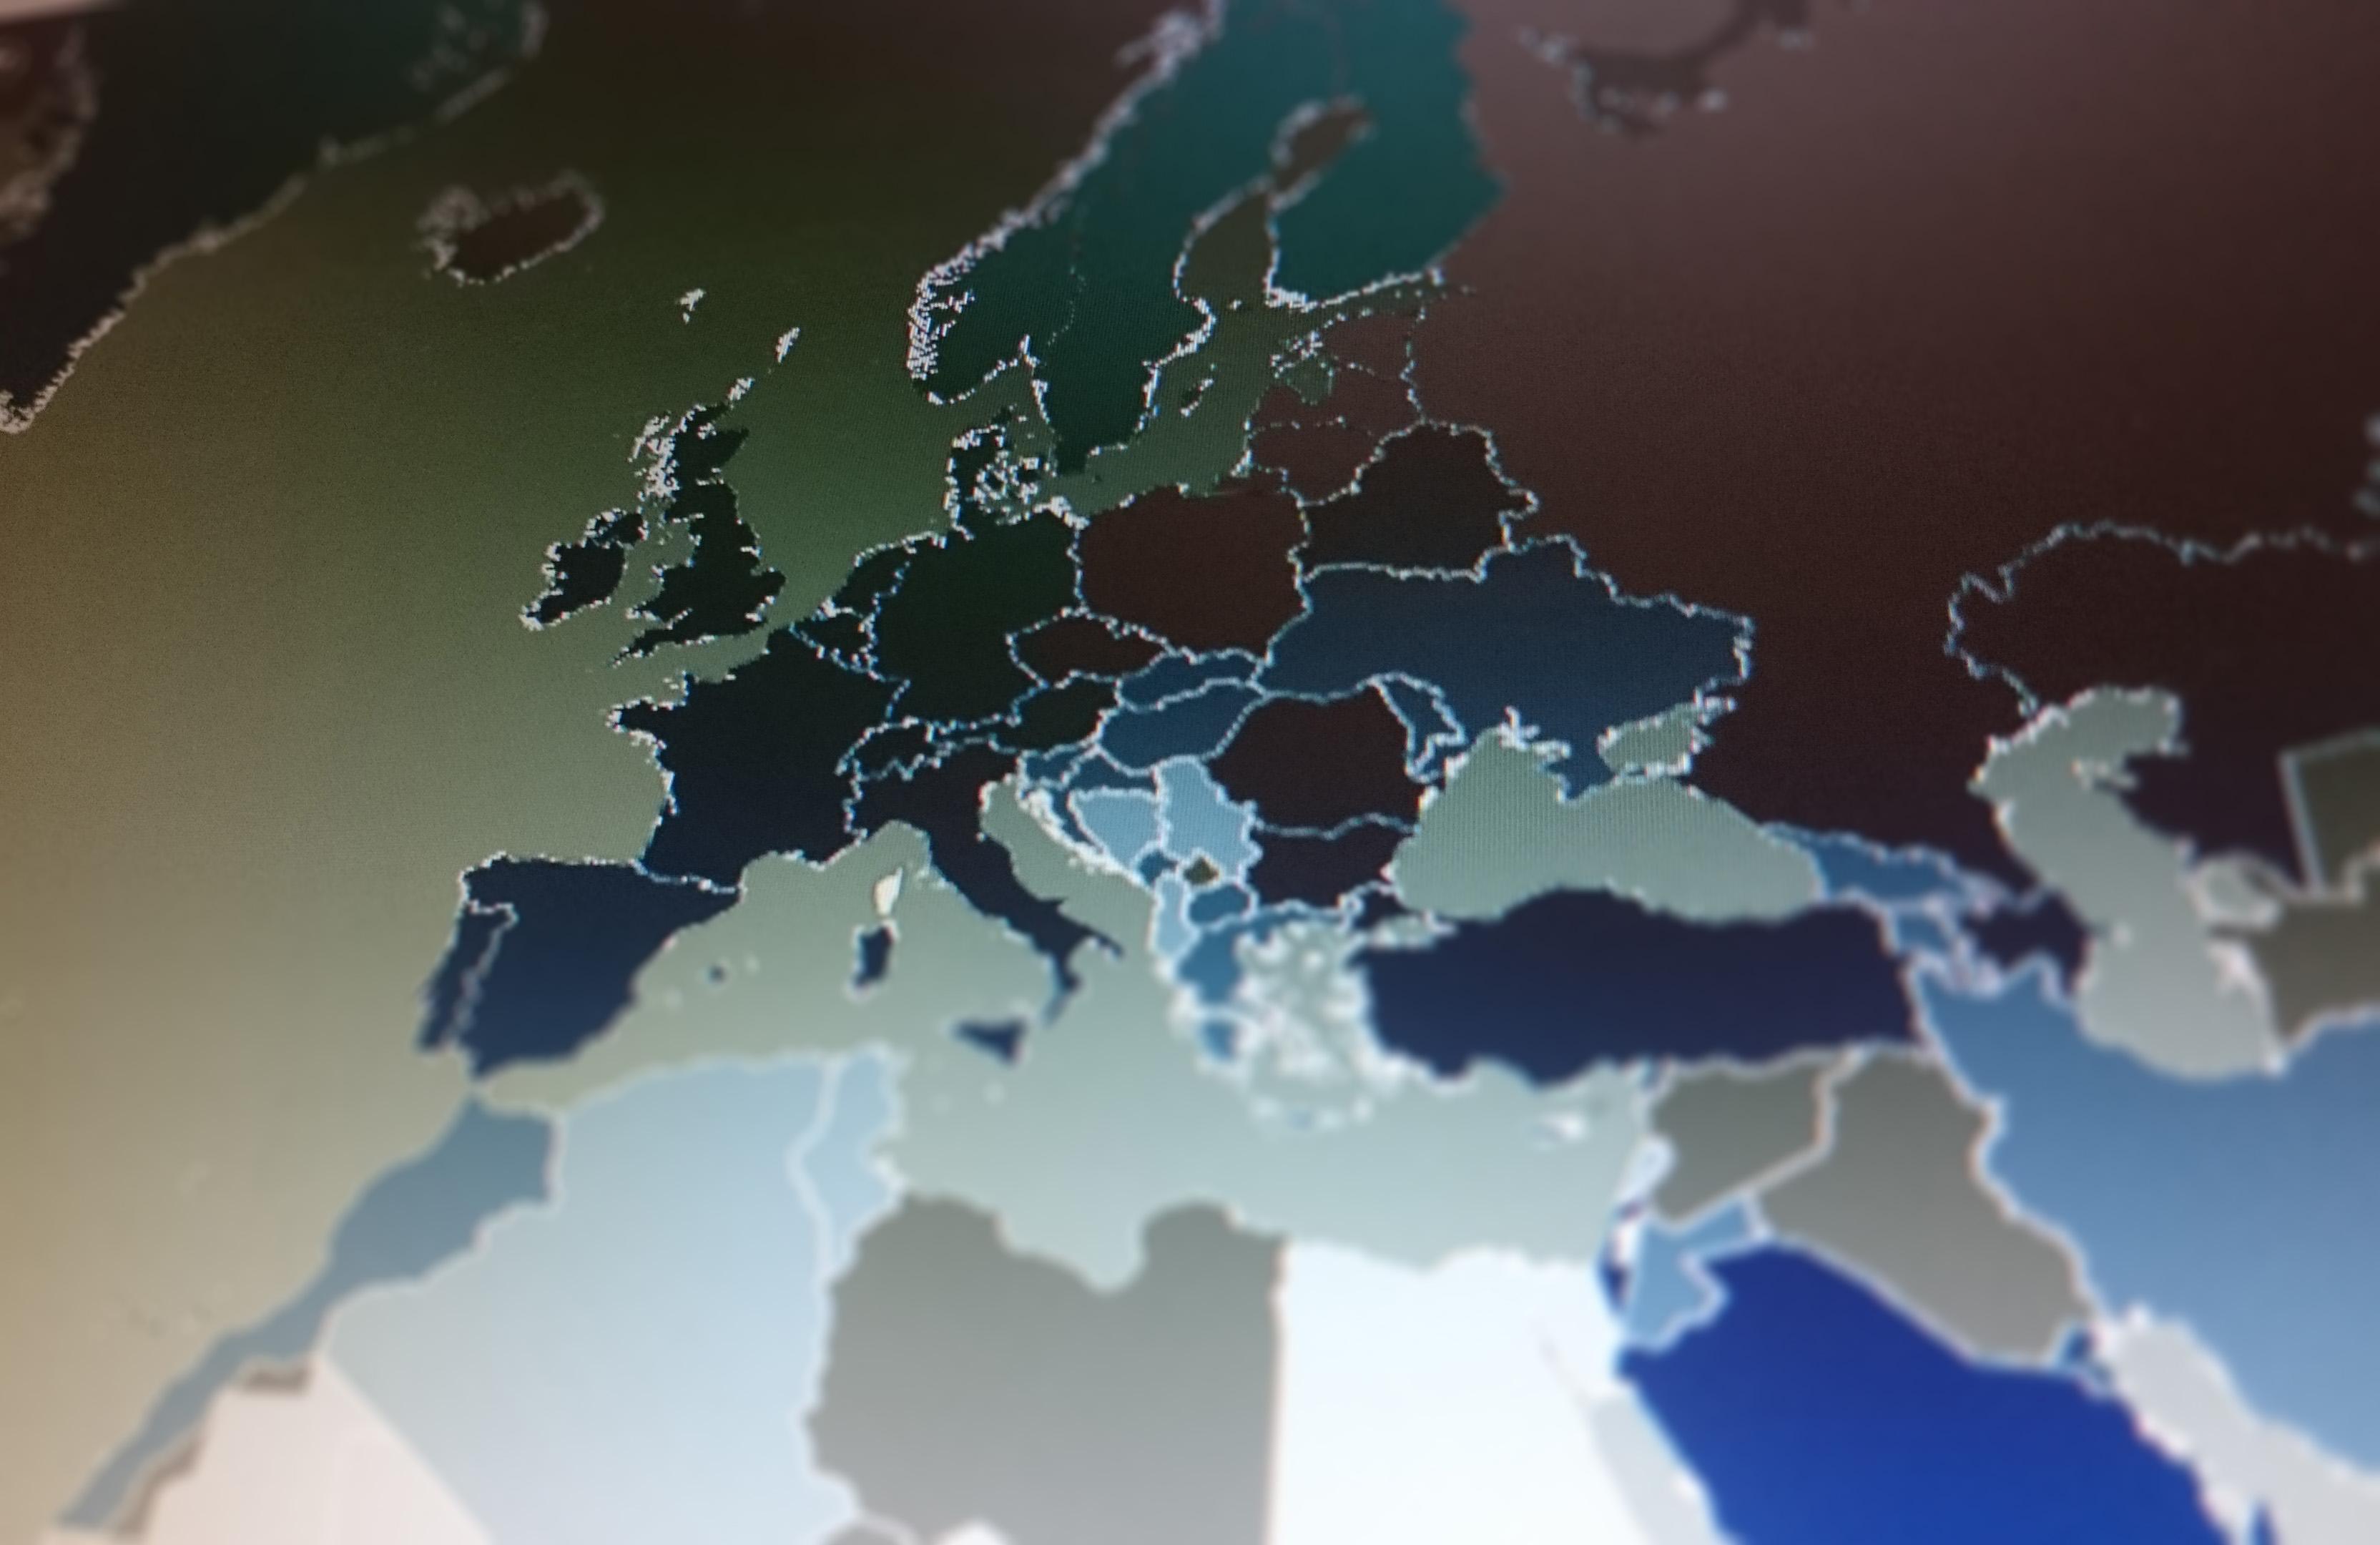 kaart europa concurrentie wereld